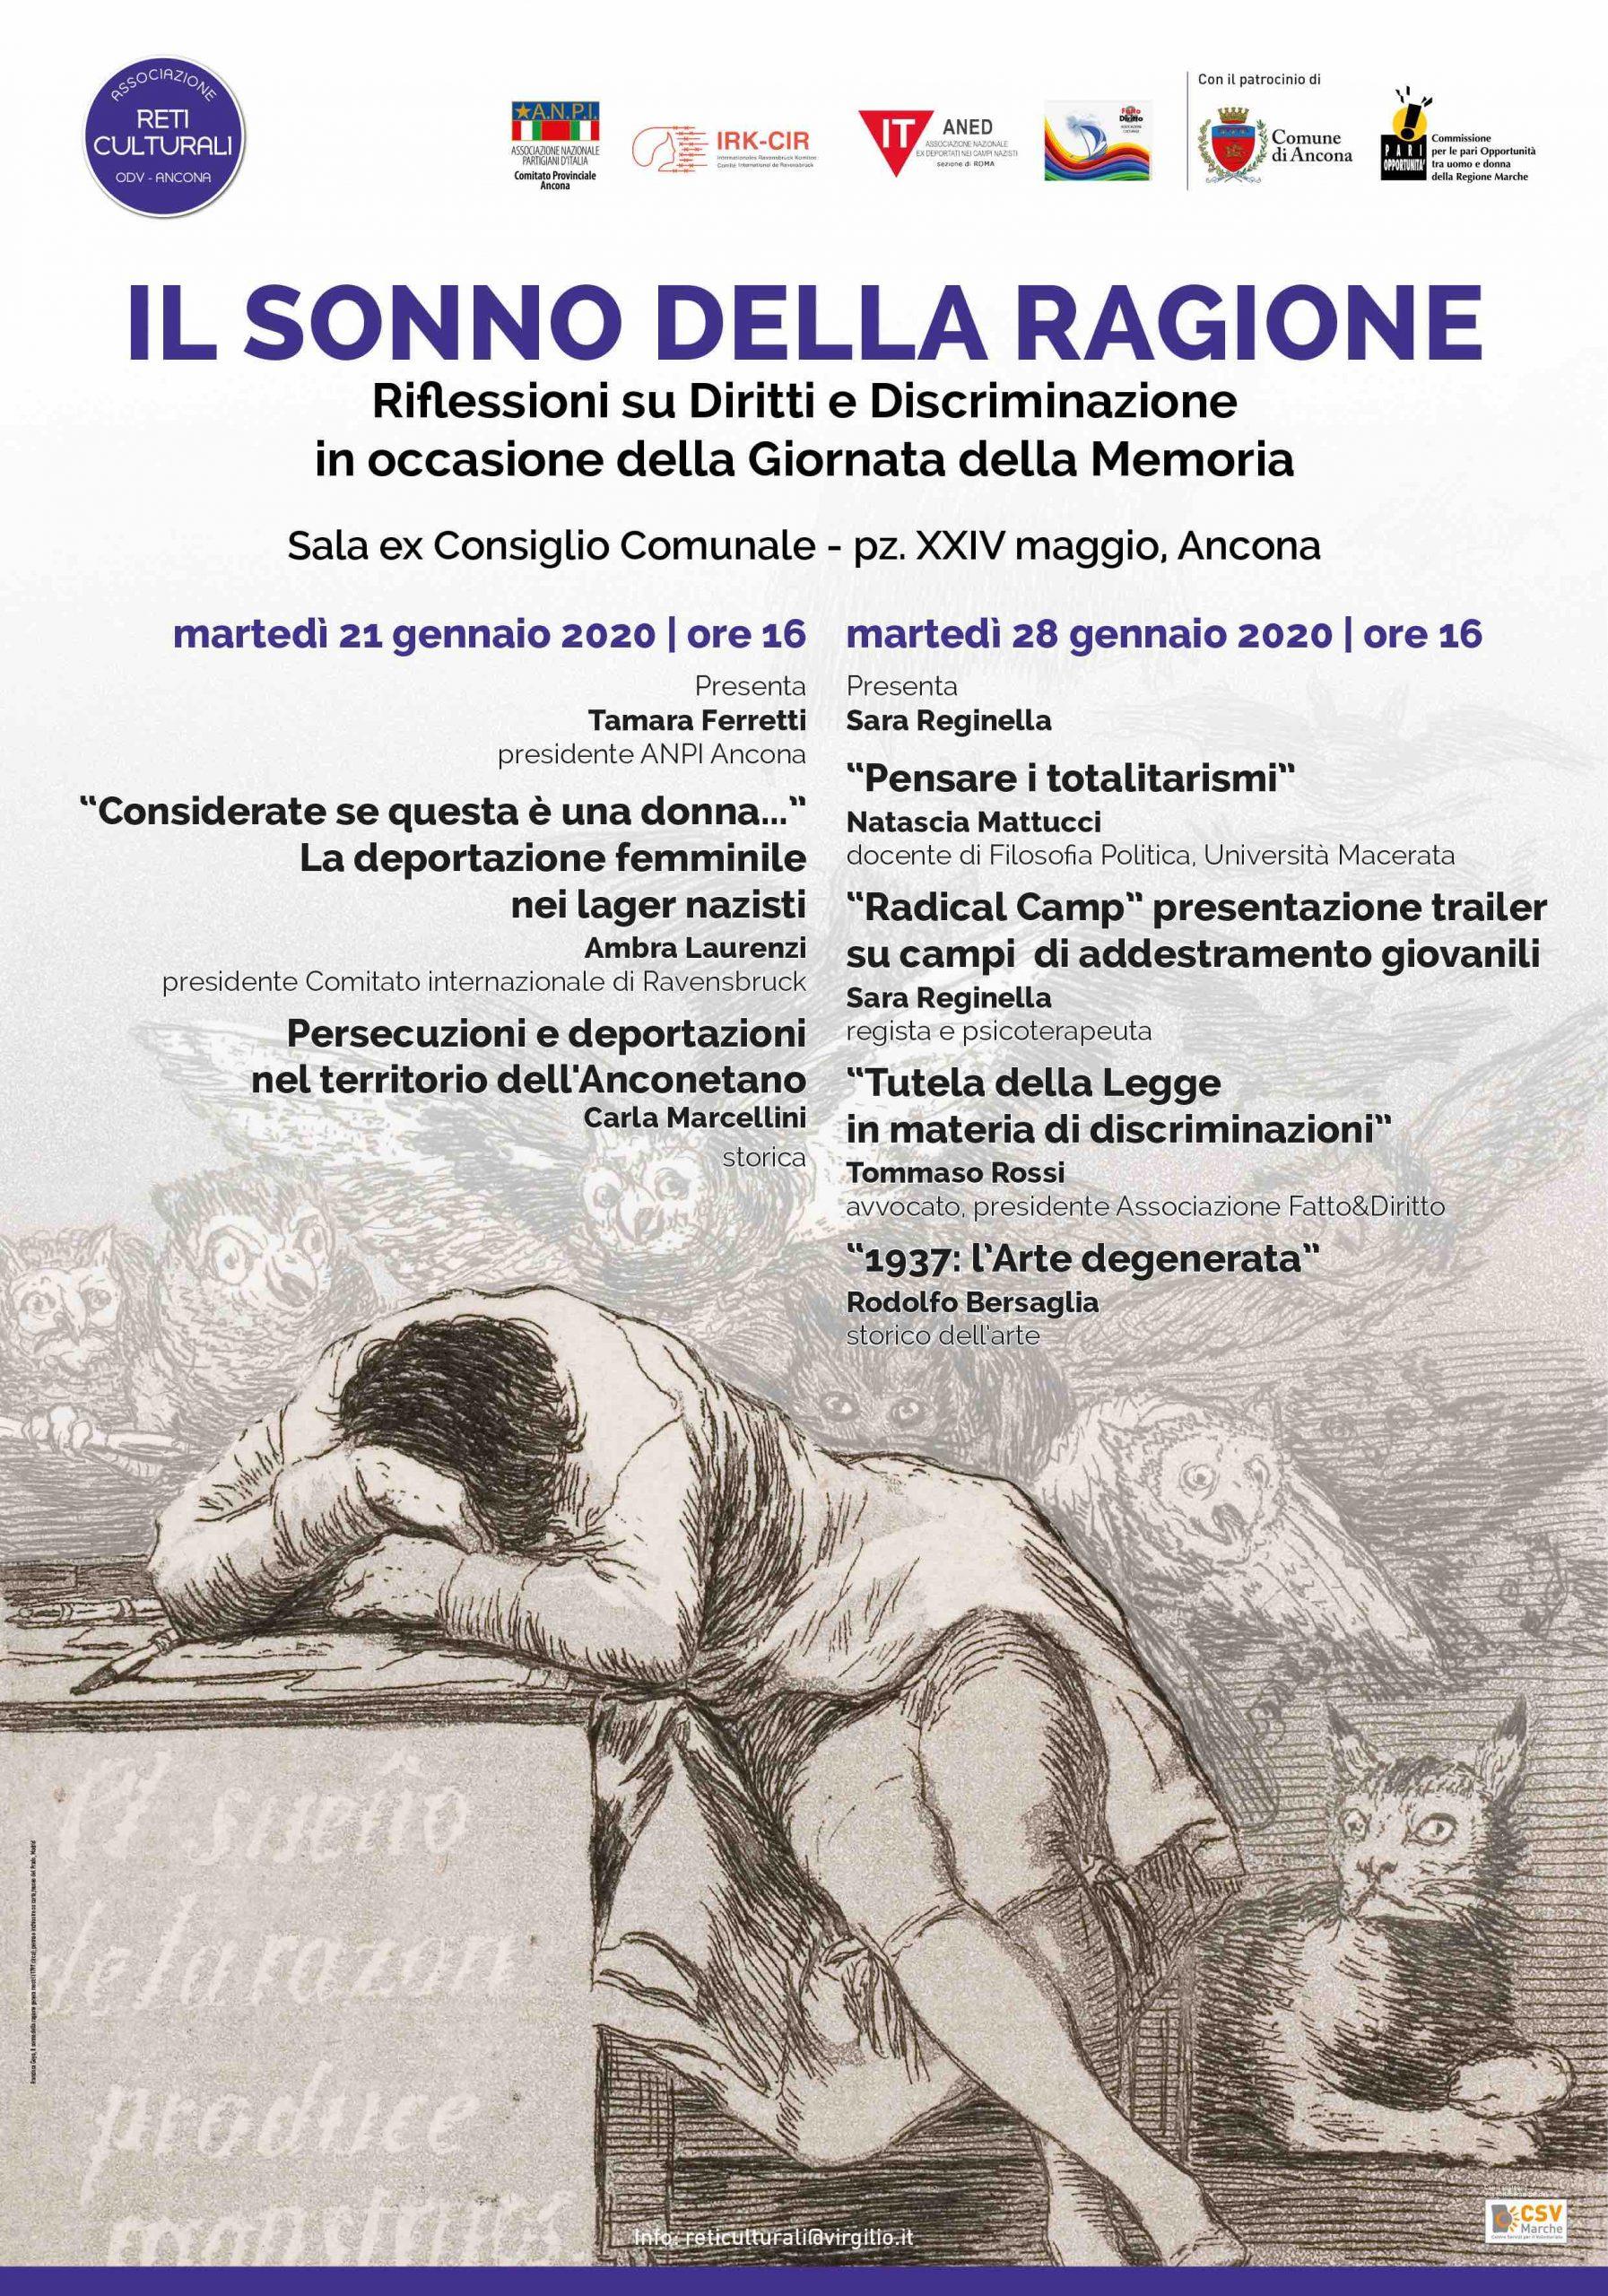 """""""Il sonno della ragione"""". Riflessione su diritti e discriminazione con Sara Reginella, Natascia Mattucci, Rodolfo Bersaglia, Tommaso Rossi, Tamara Ferretti, Carla Marcellini."""